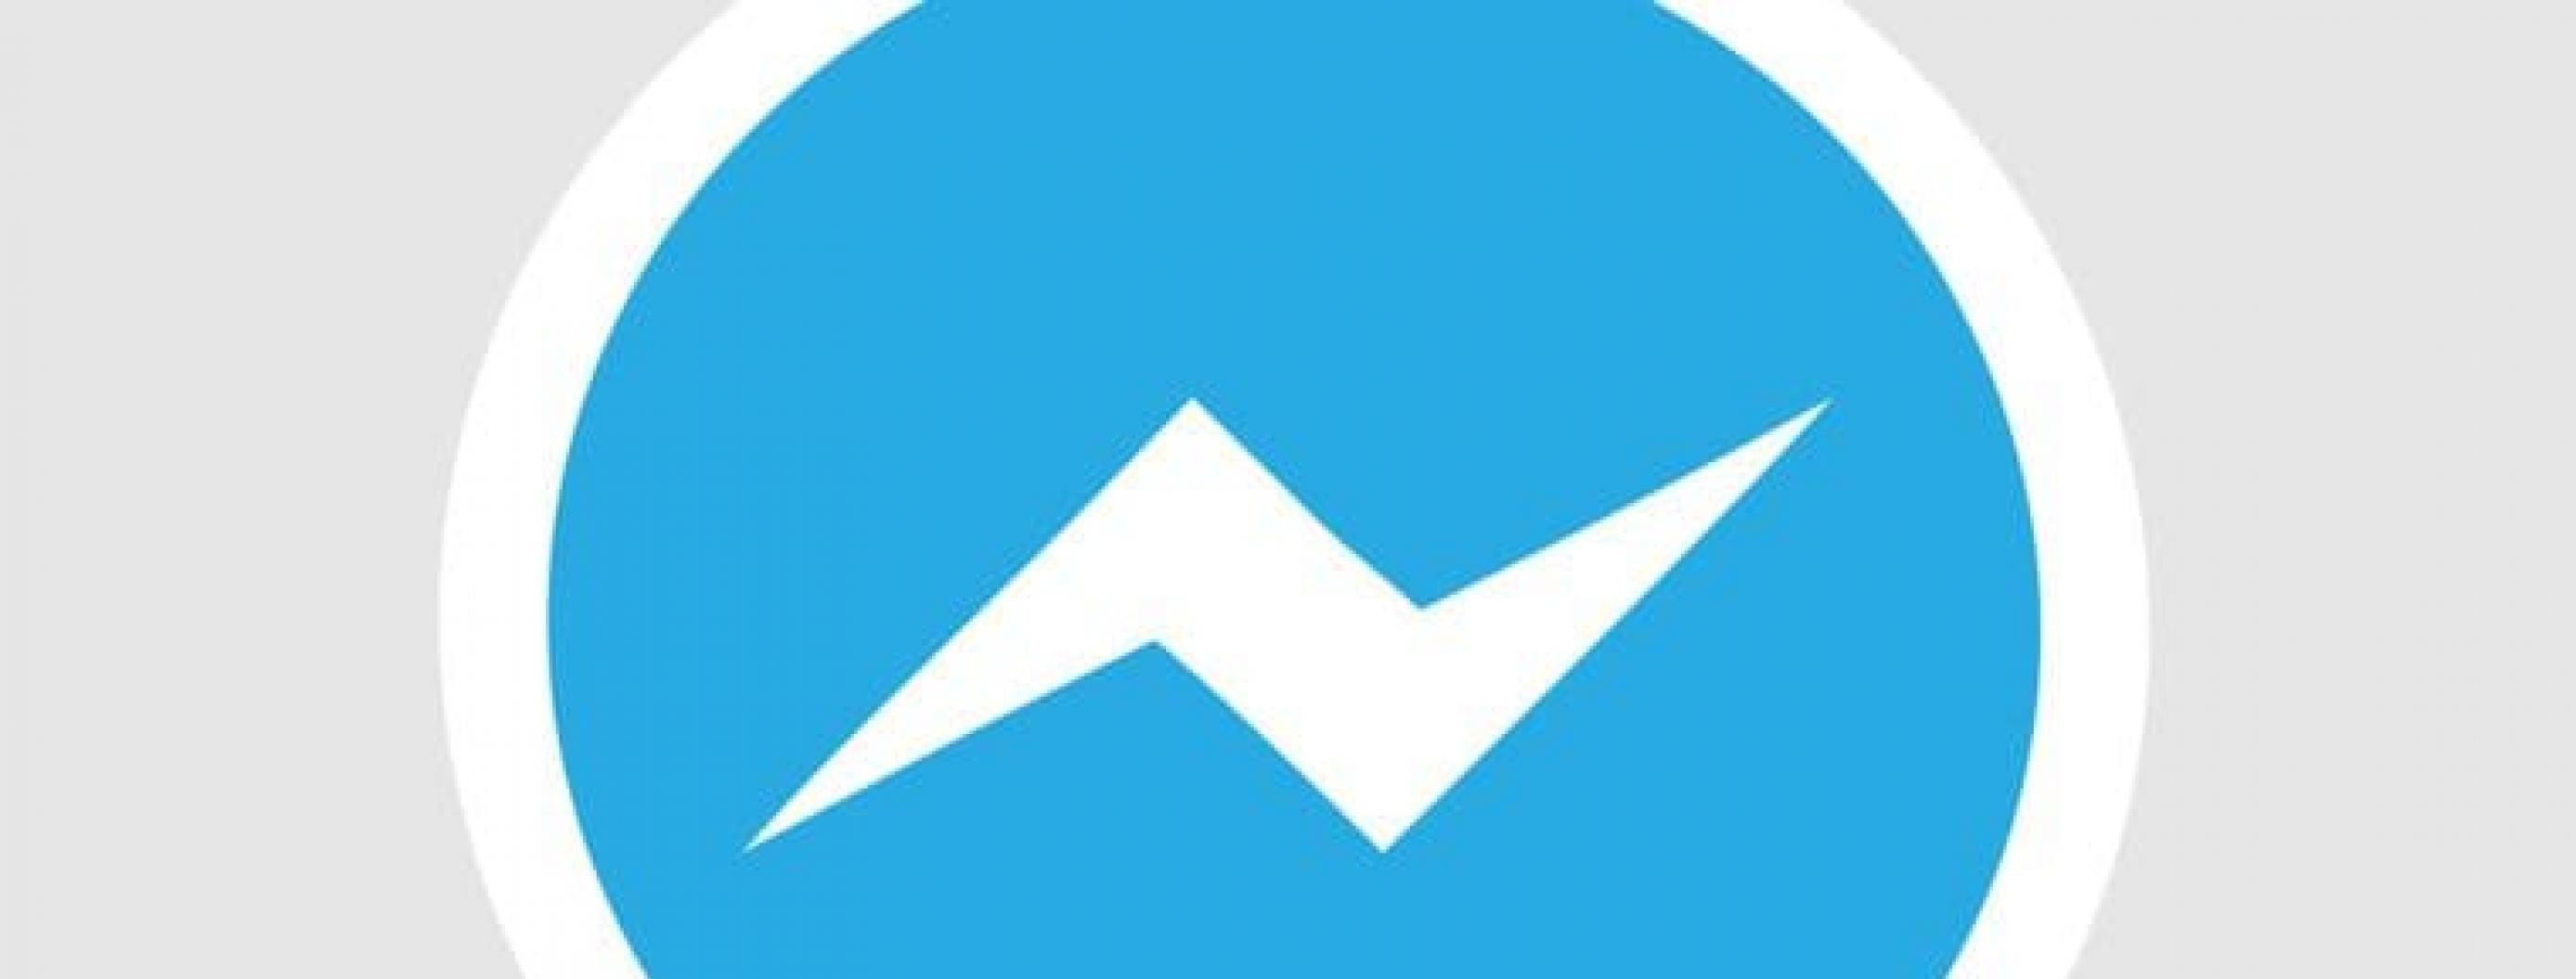 Facebook Introduces Messenger For Business Websites